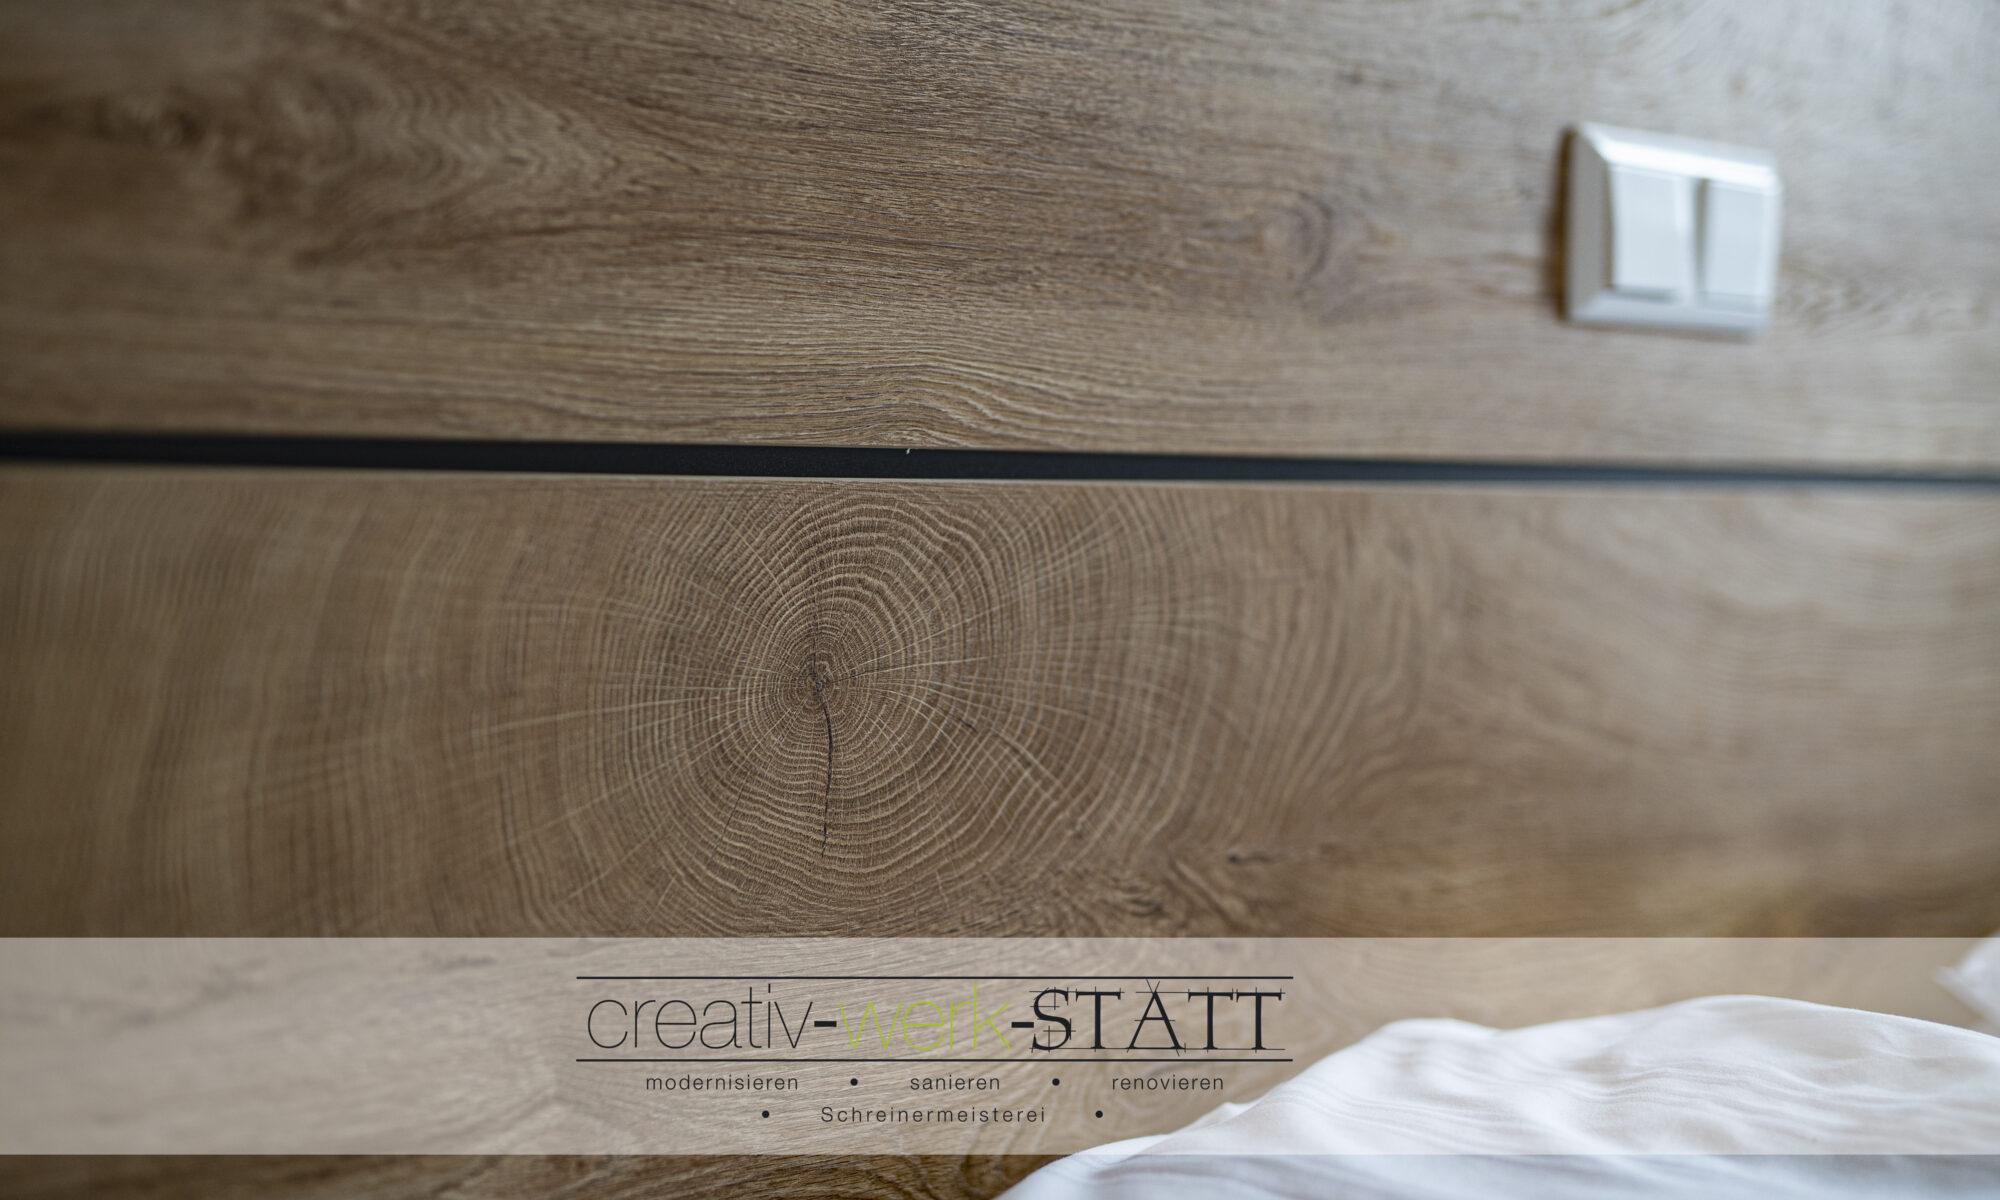 aus alt mach neu sanieren renovieren Küche Bad Dusche Badezimmer Treppen Wohnzimmer Schlafzimmer